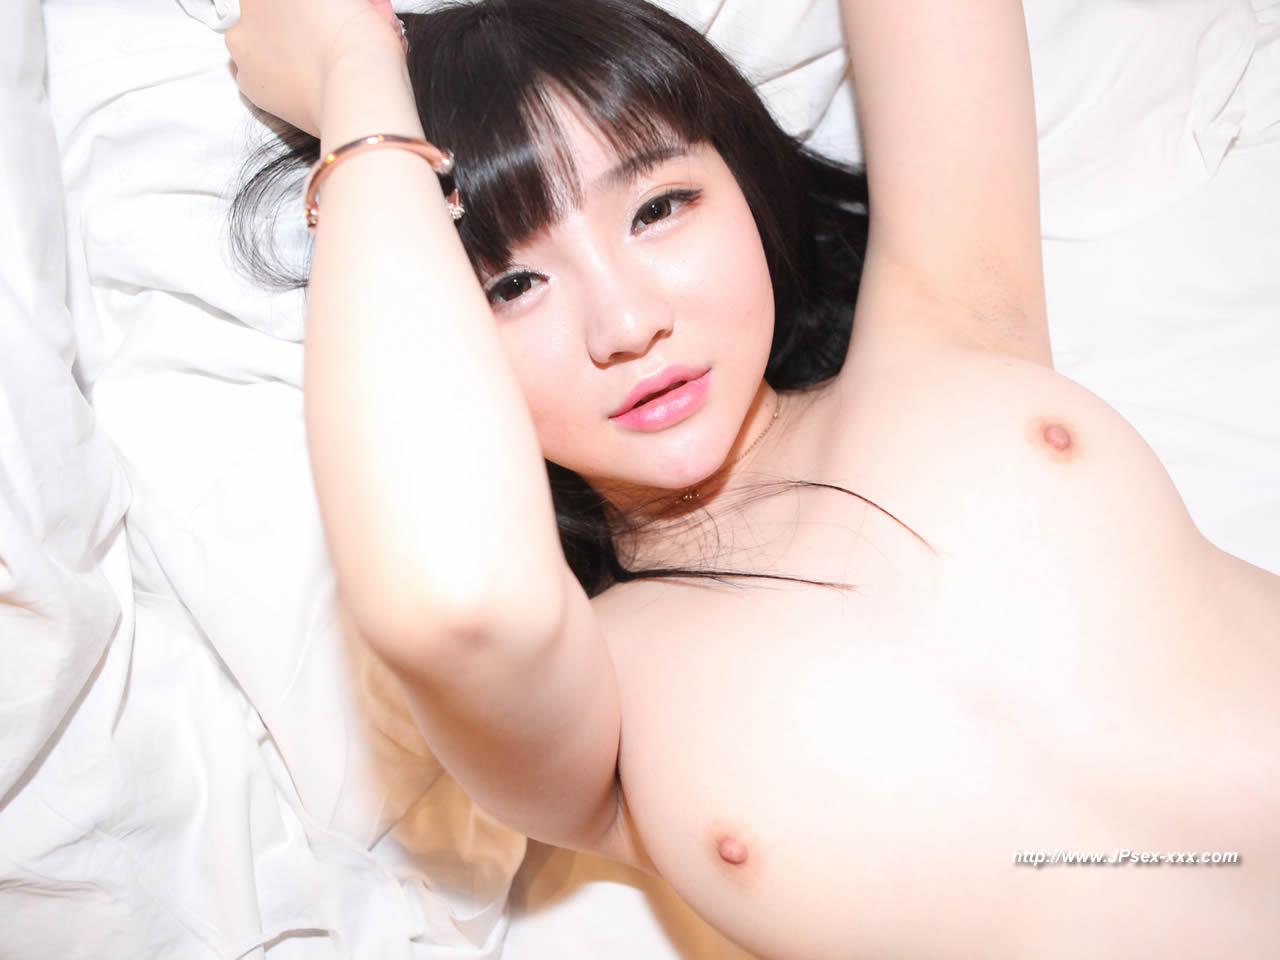 lady fucked pussy boobs